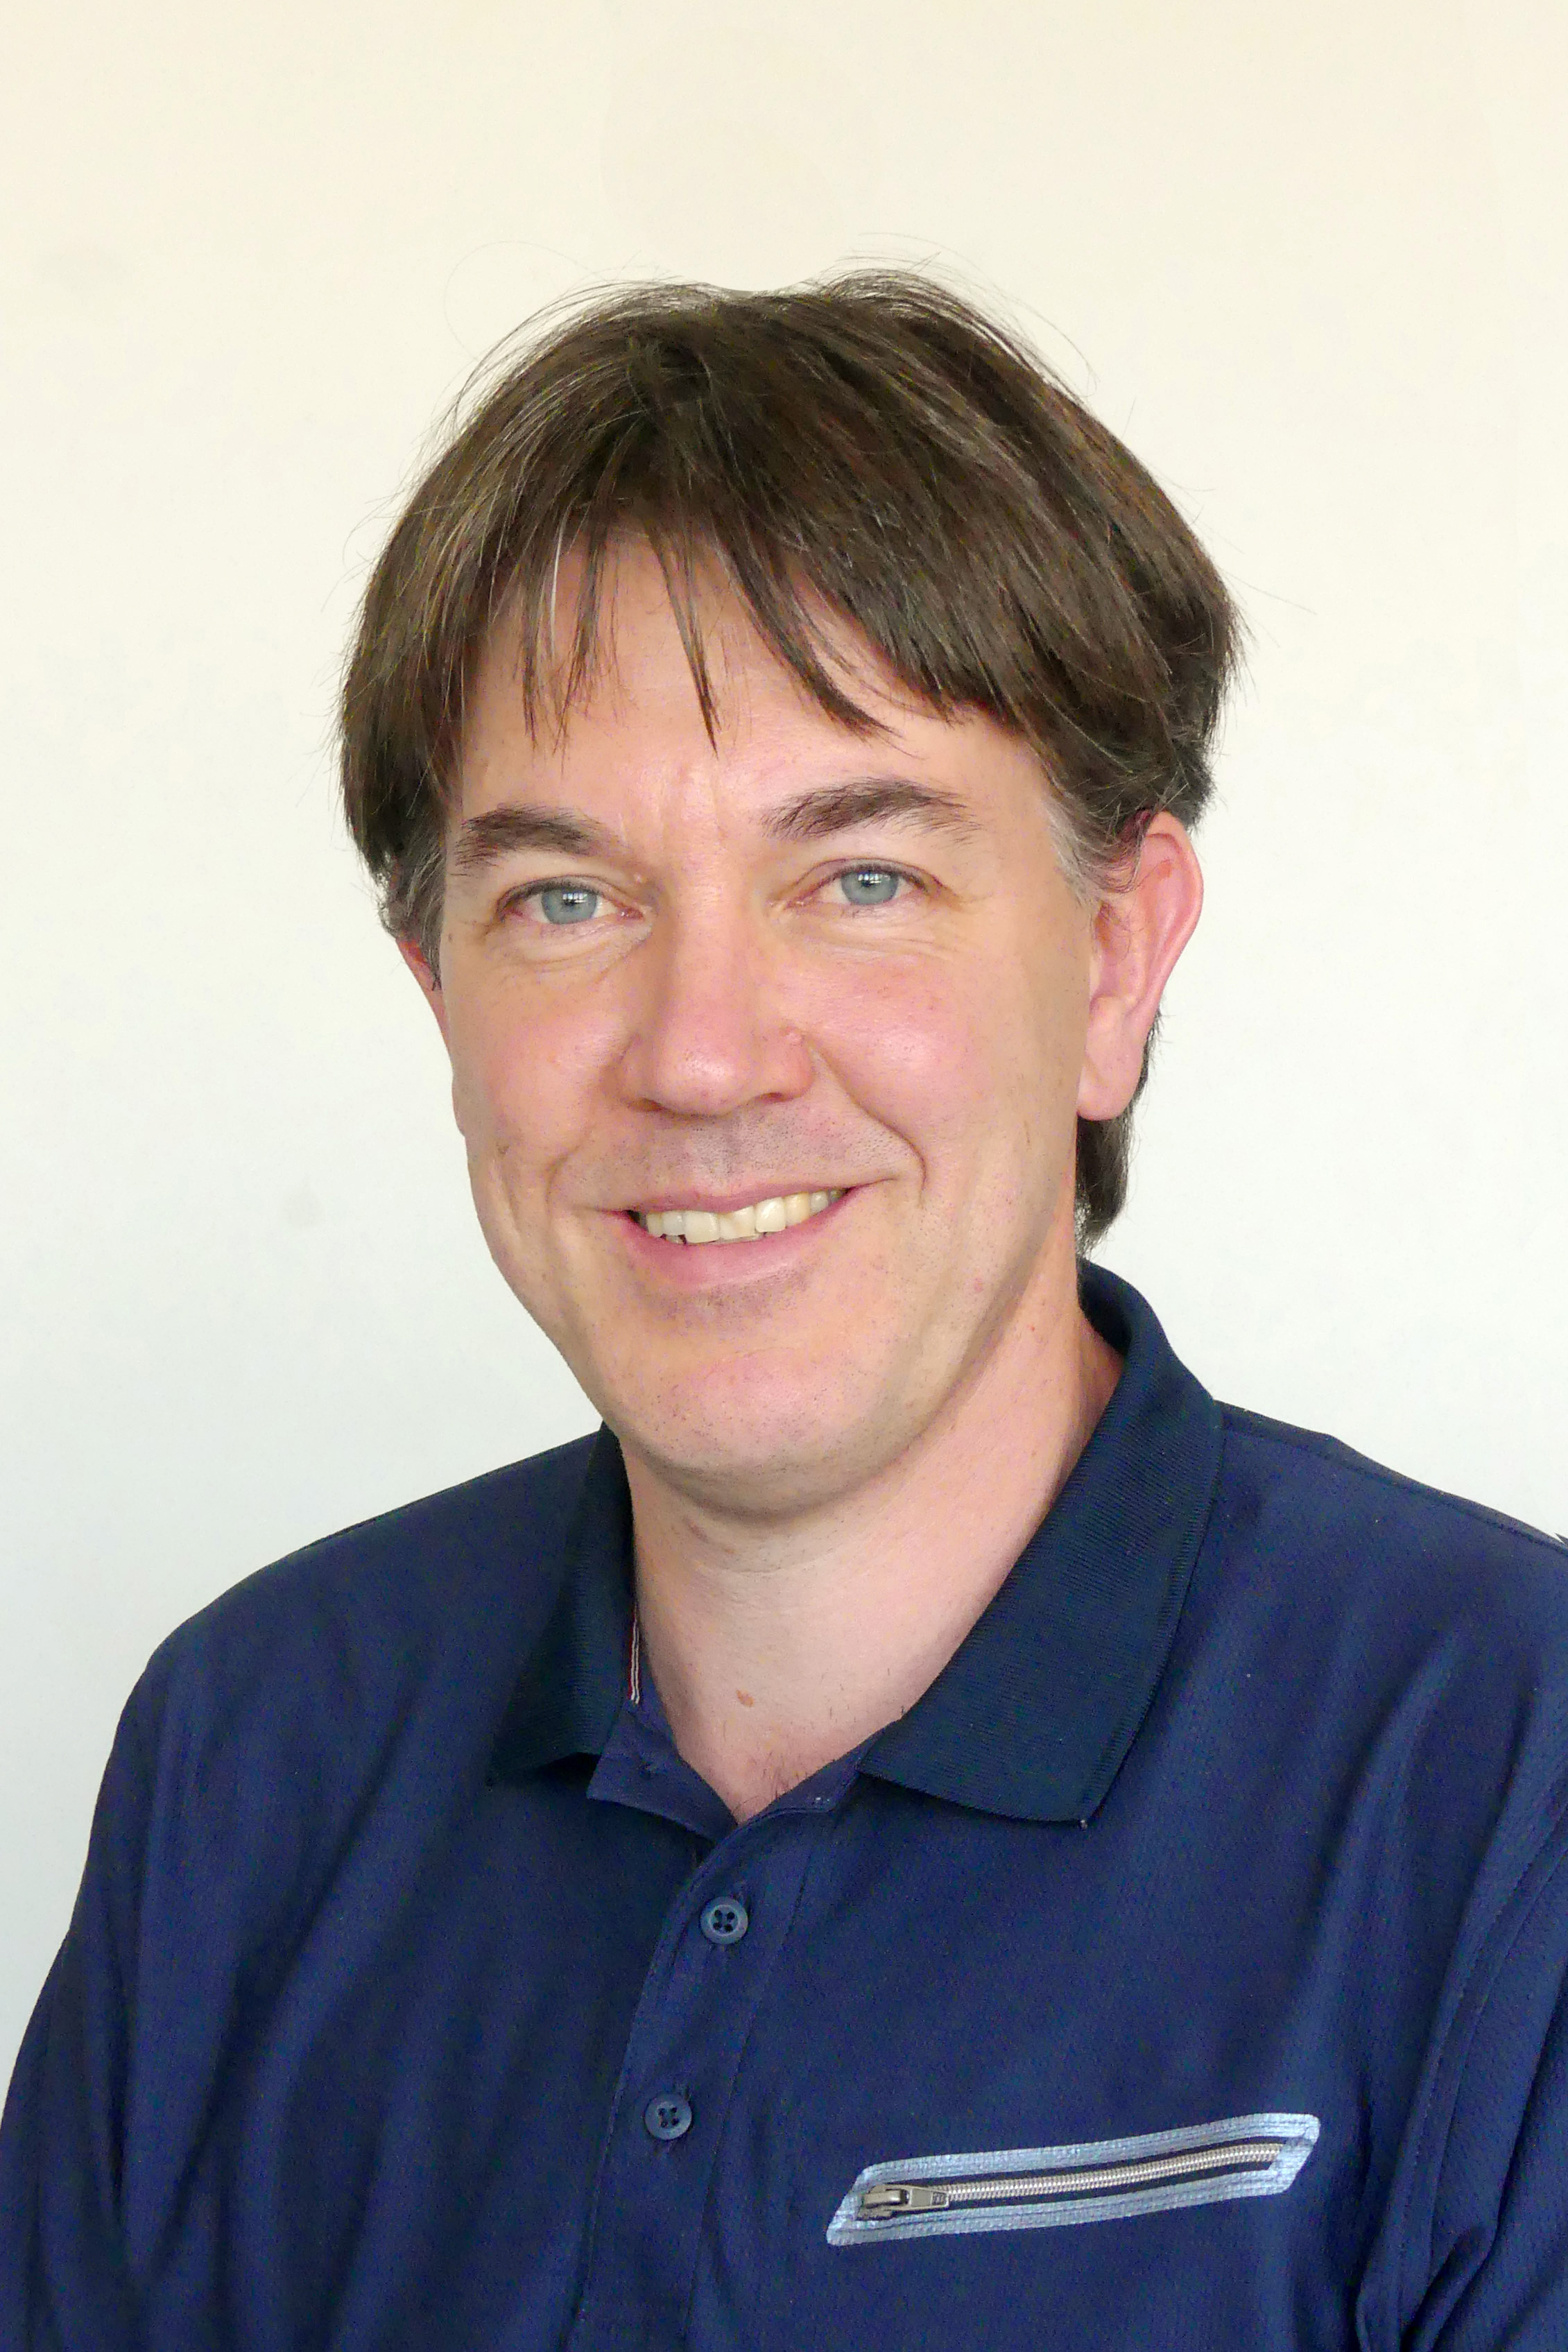 Dr. Rainer Reichle